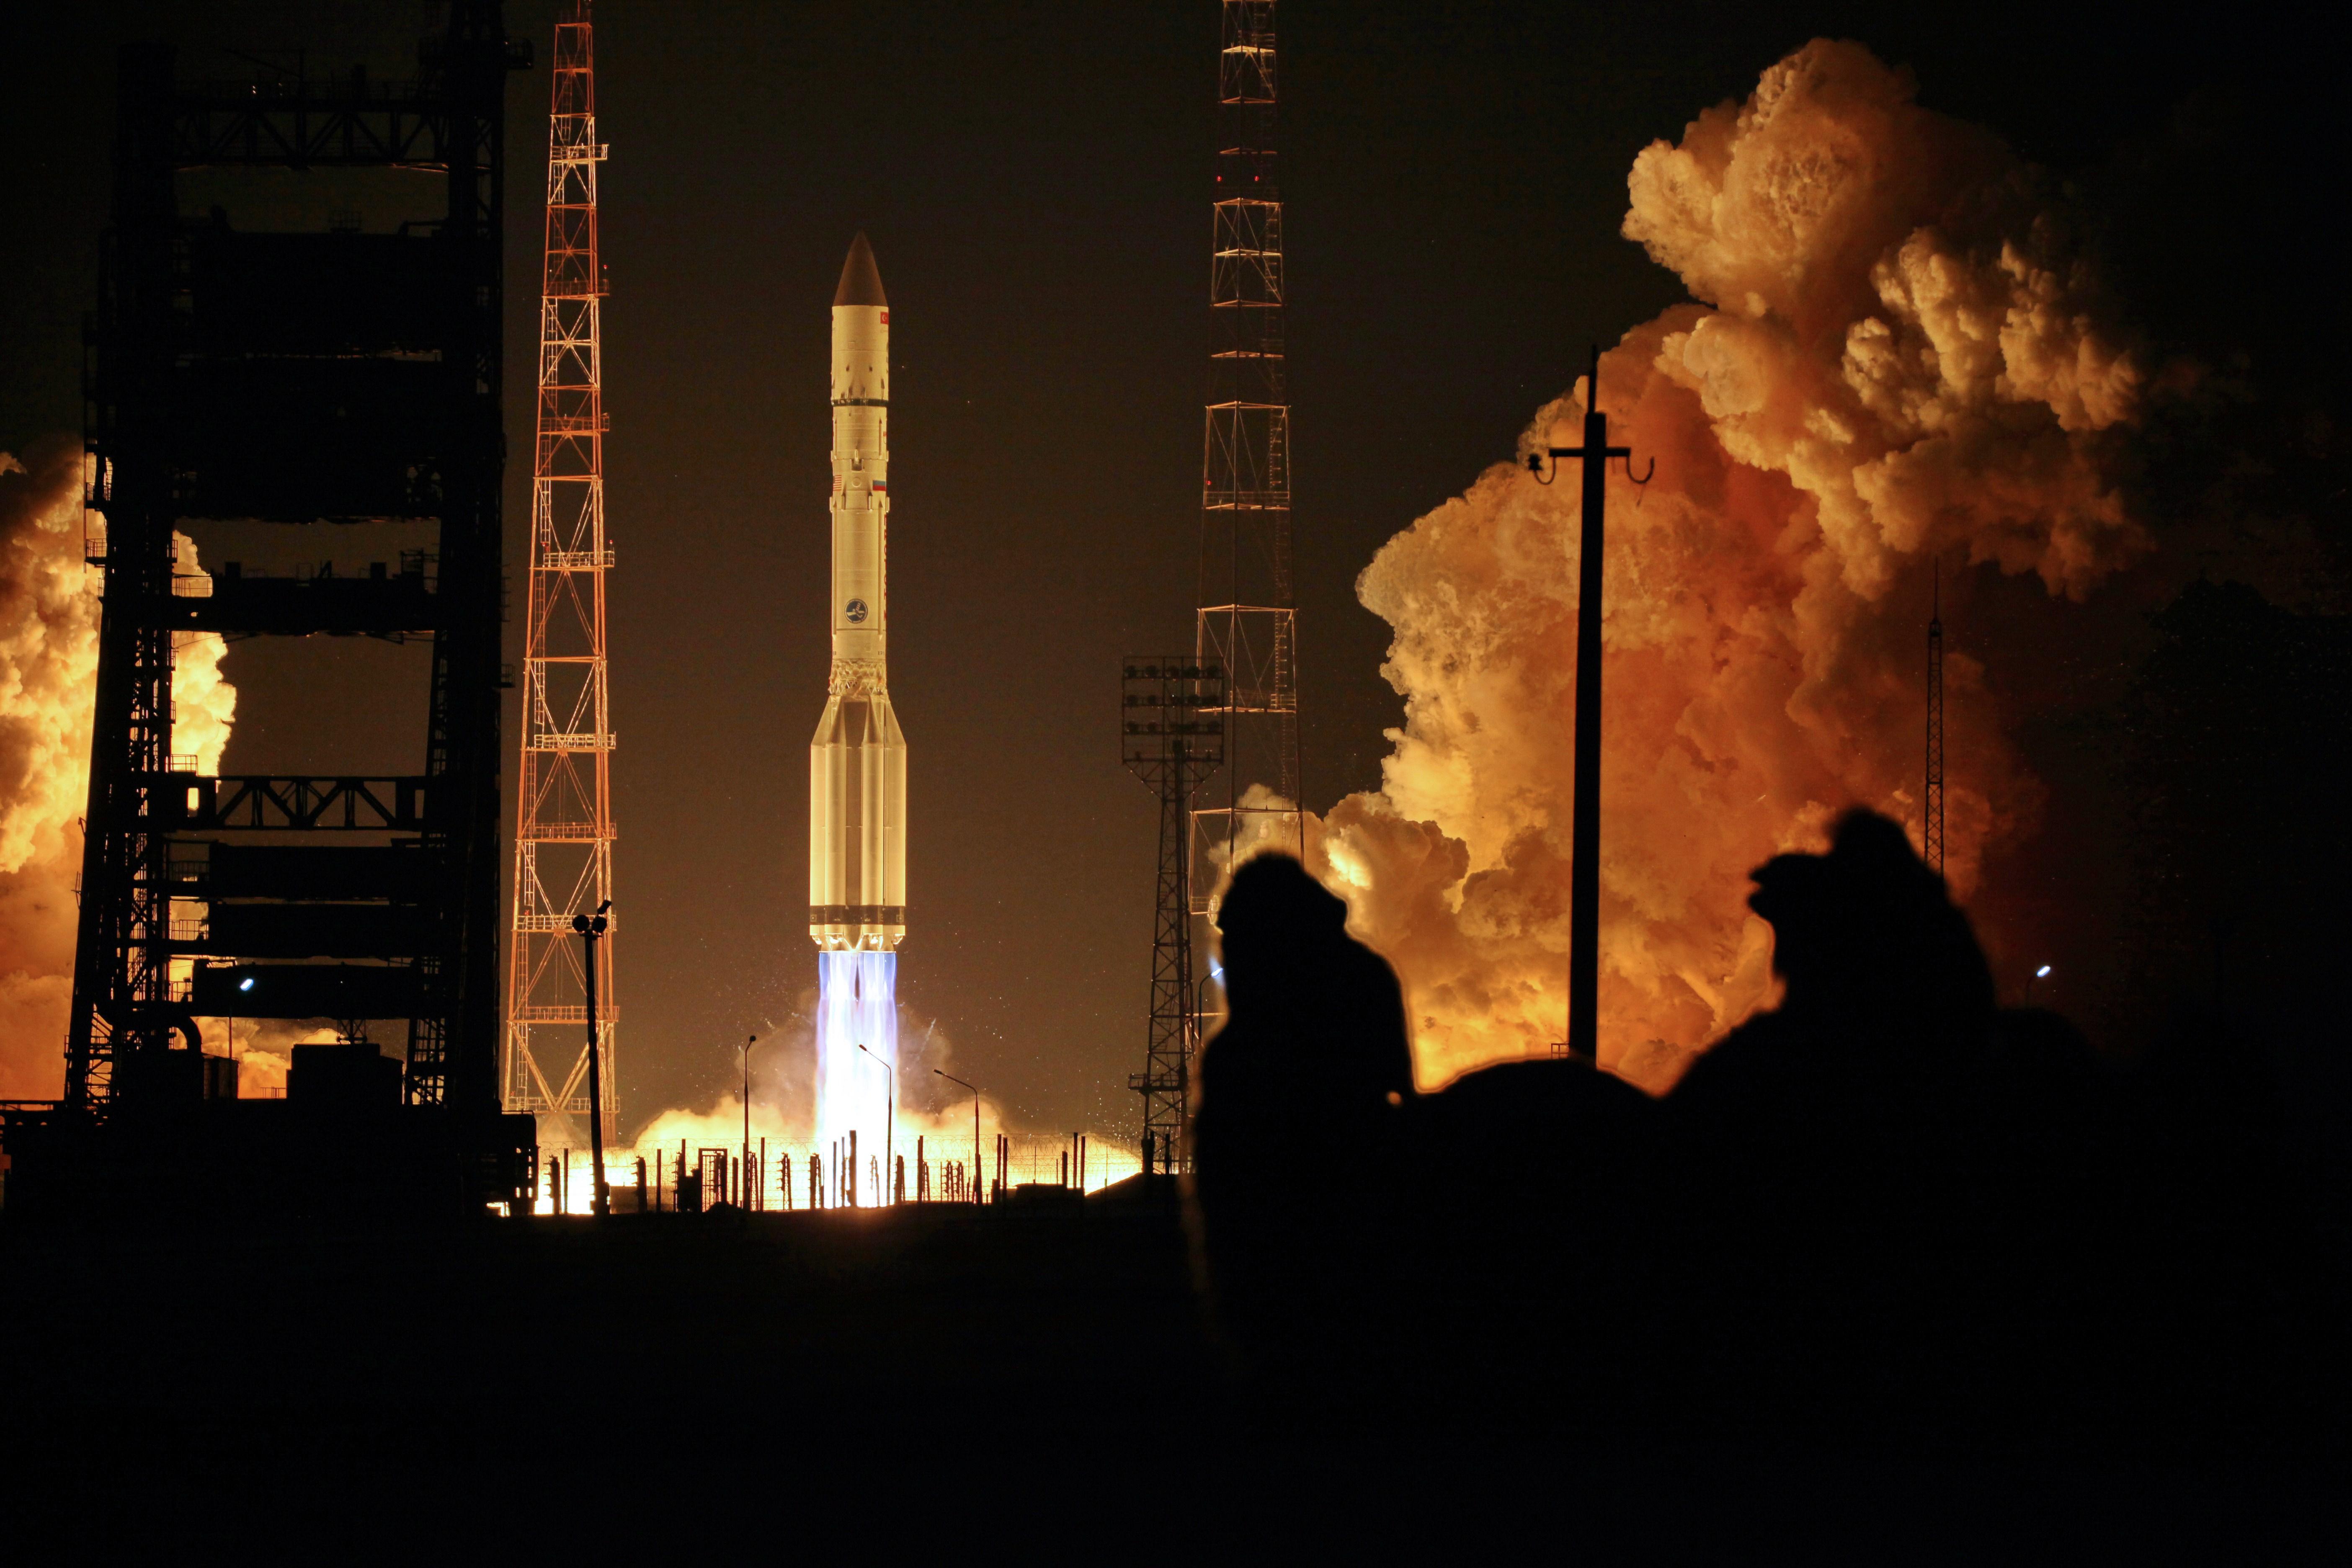 Turkey Seeks To Build Indigenous Satellite